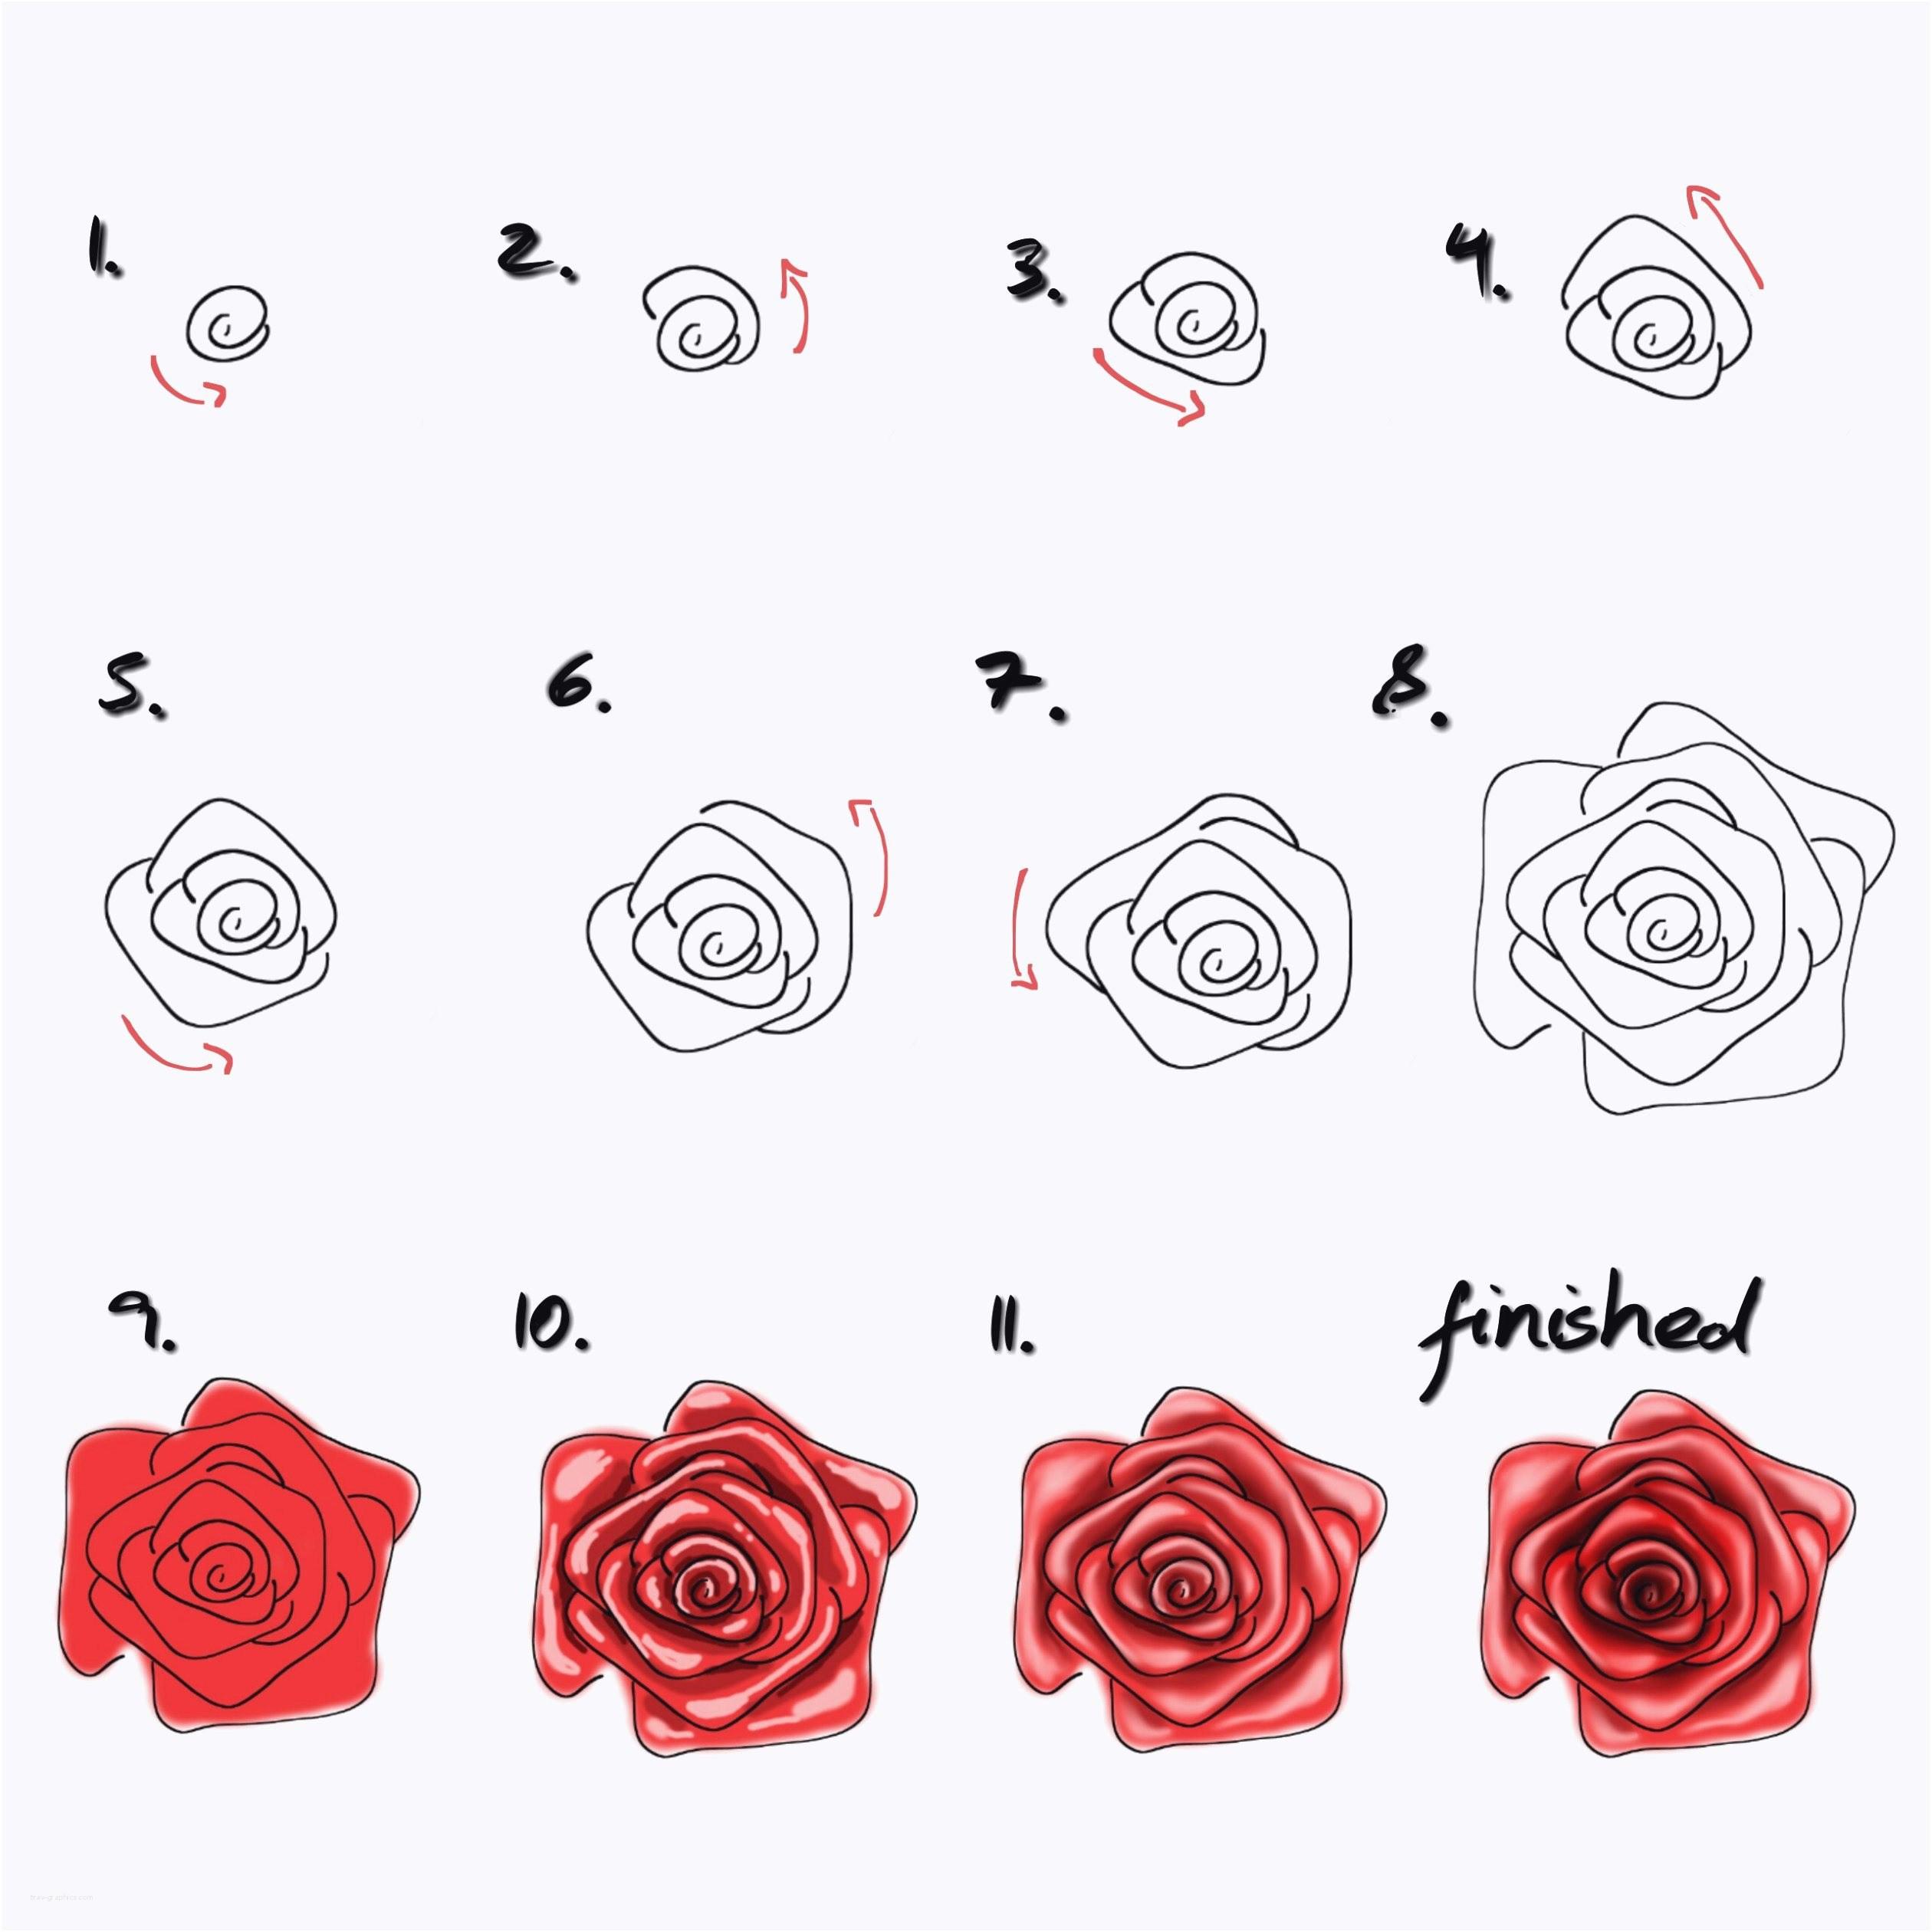 Ausmalbilder Rosen Mit Herz Das Beste Von 30 Rose Ausmalbilder Trav Graphics Das Bild